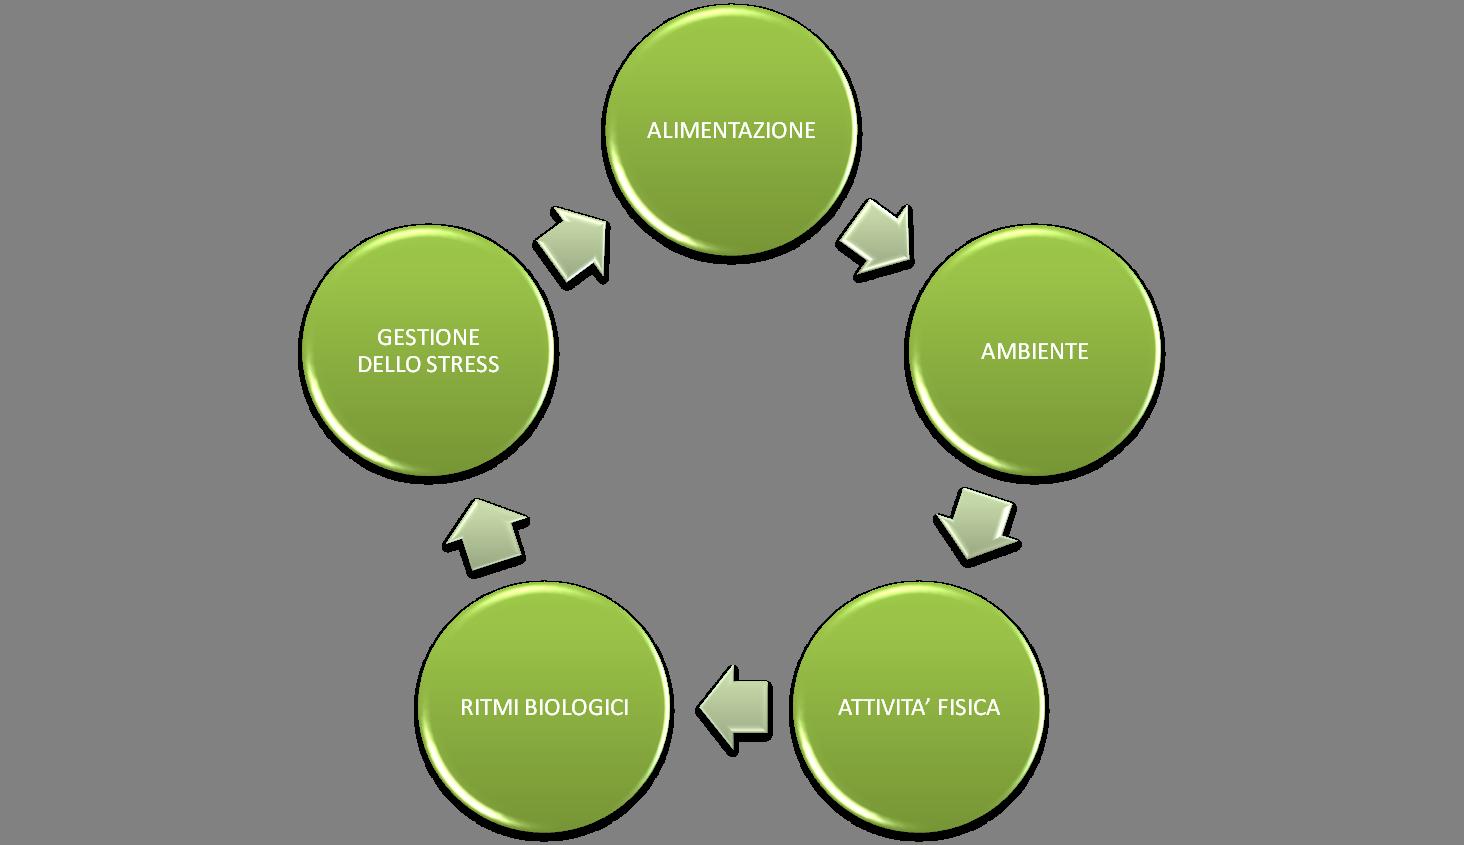 schema gestione dello stress